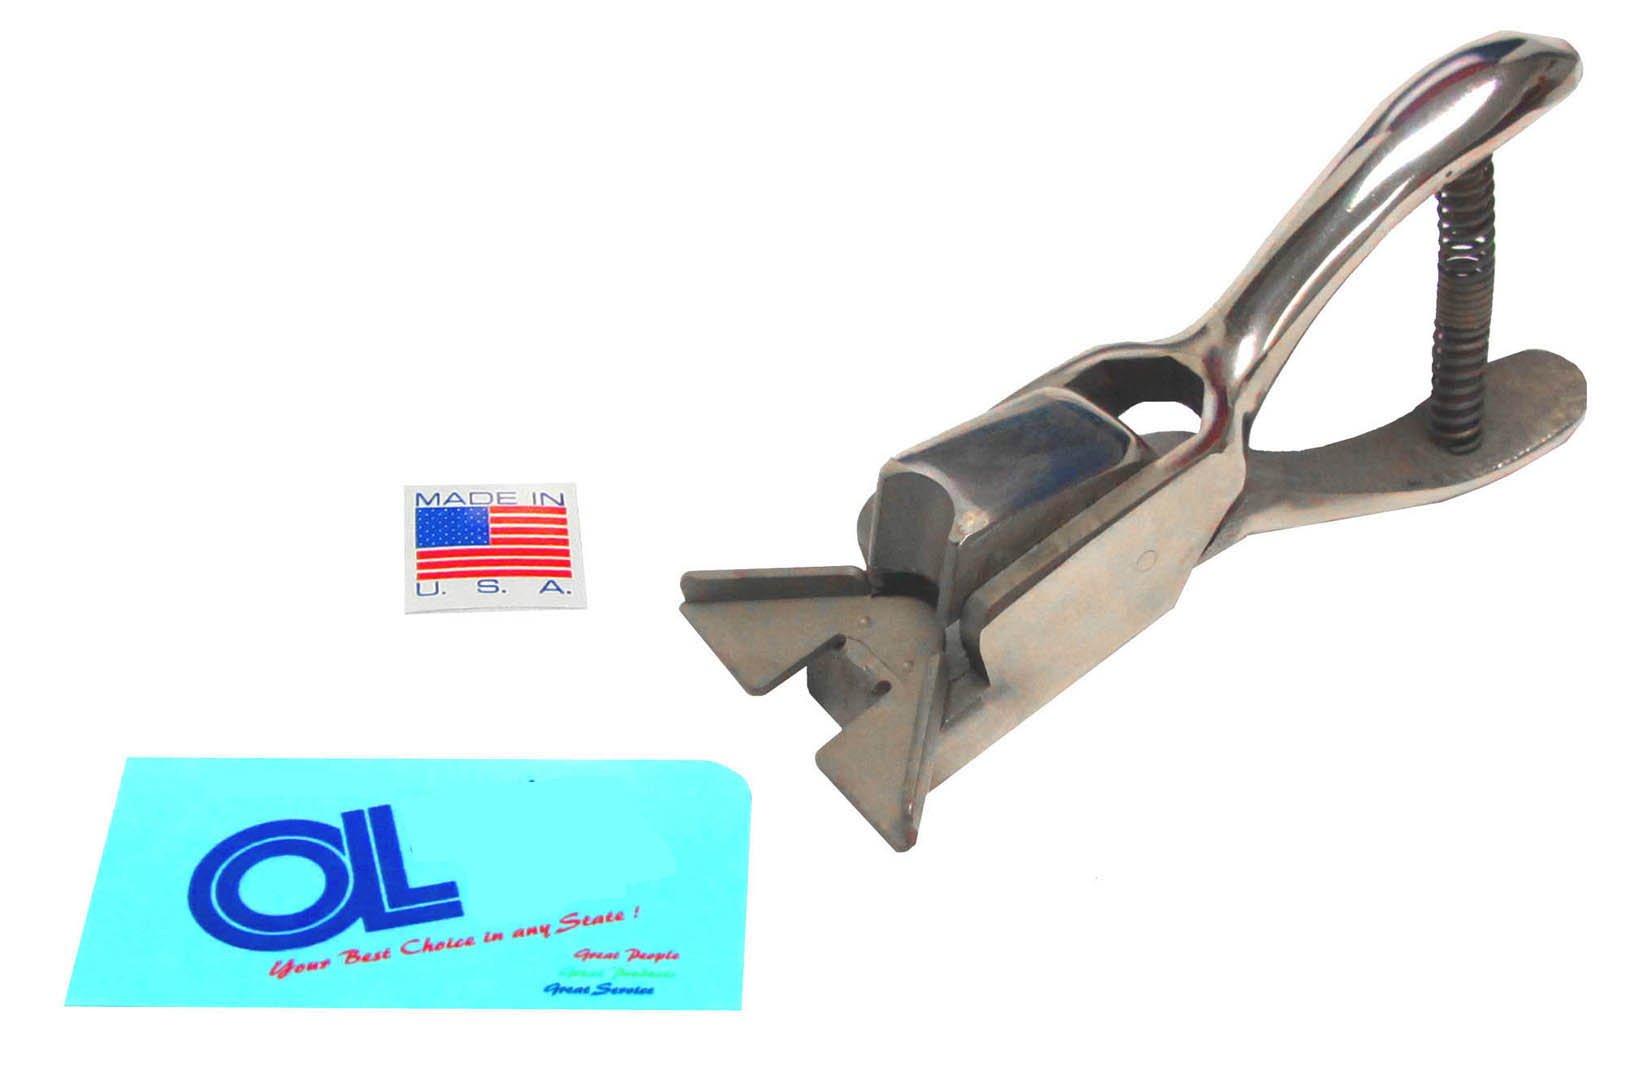 American Made 3/8 inch Radius Round Corner Punch - Heavy Duty 10mm